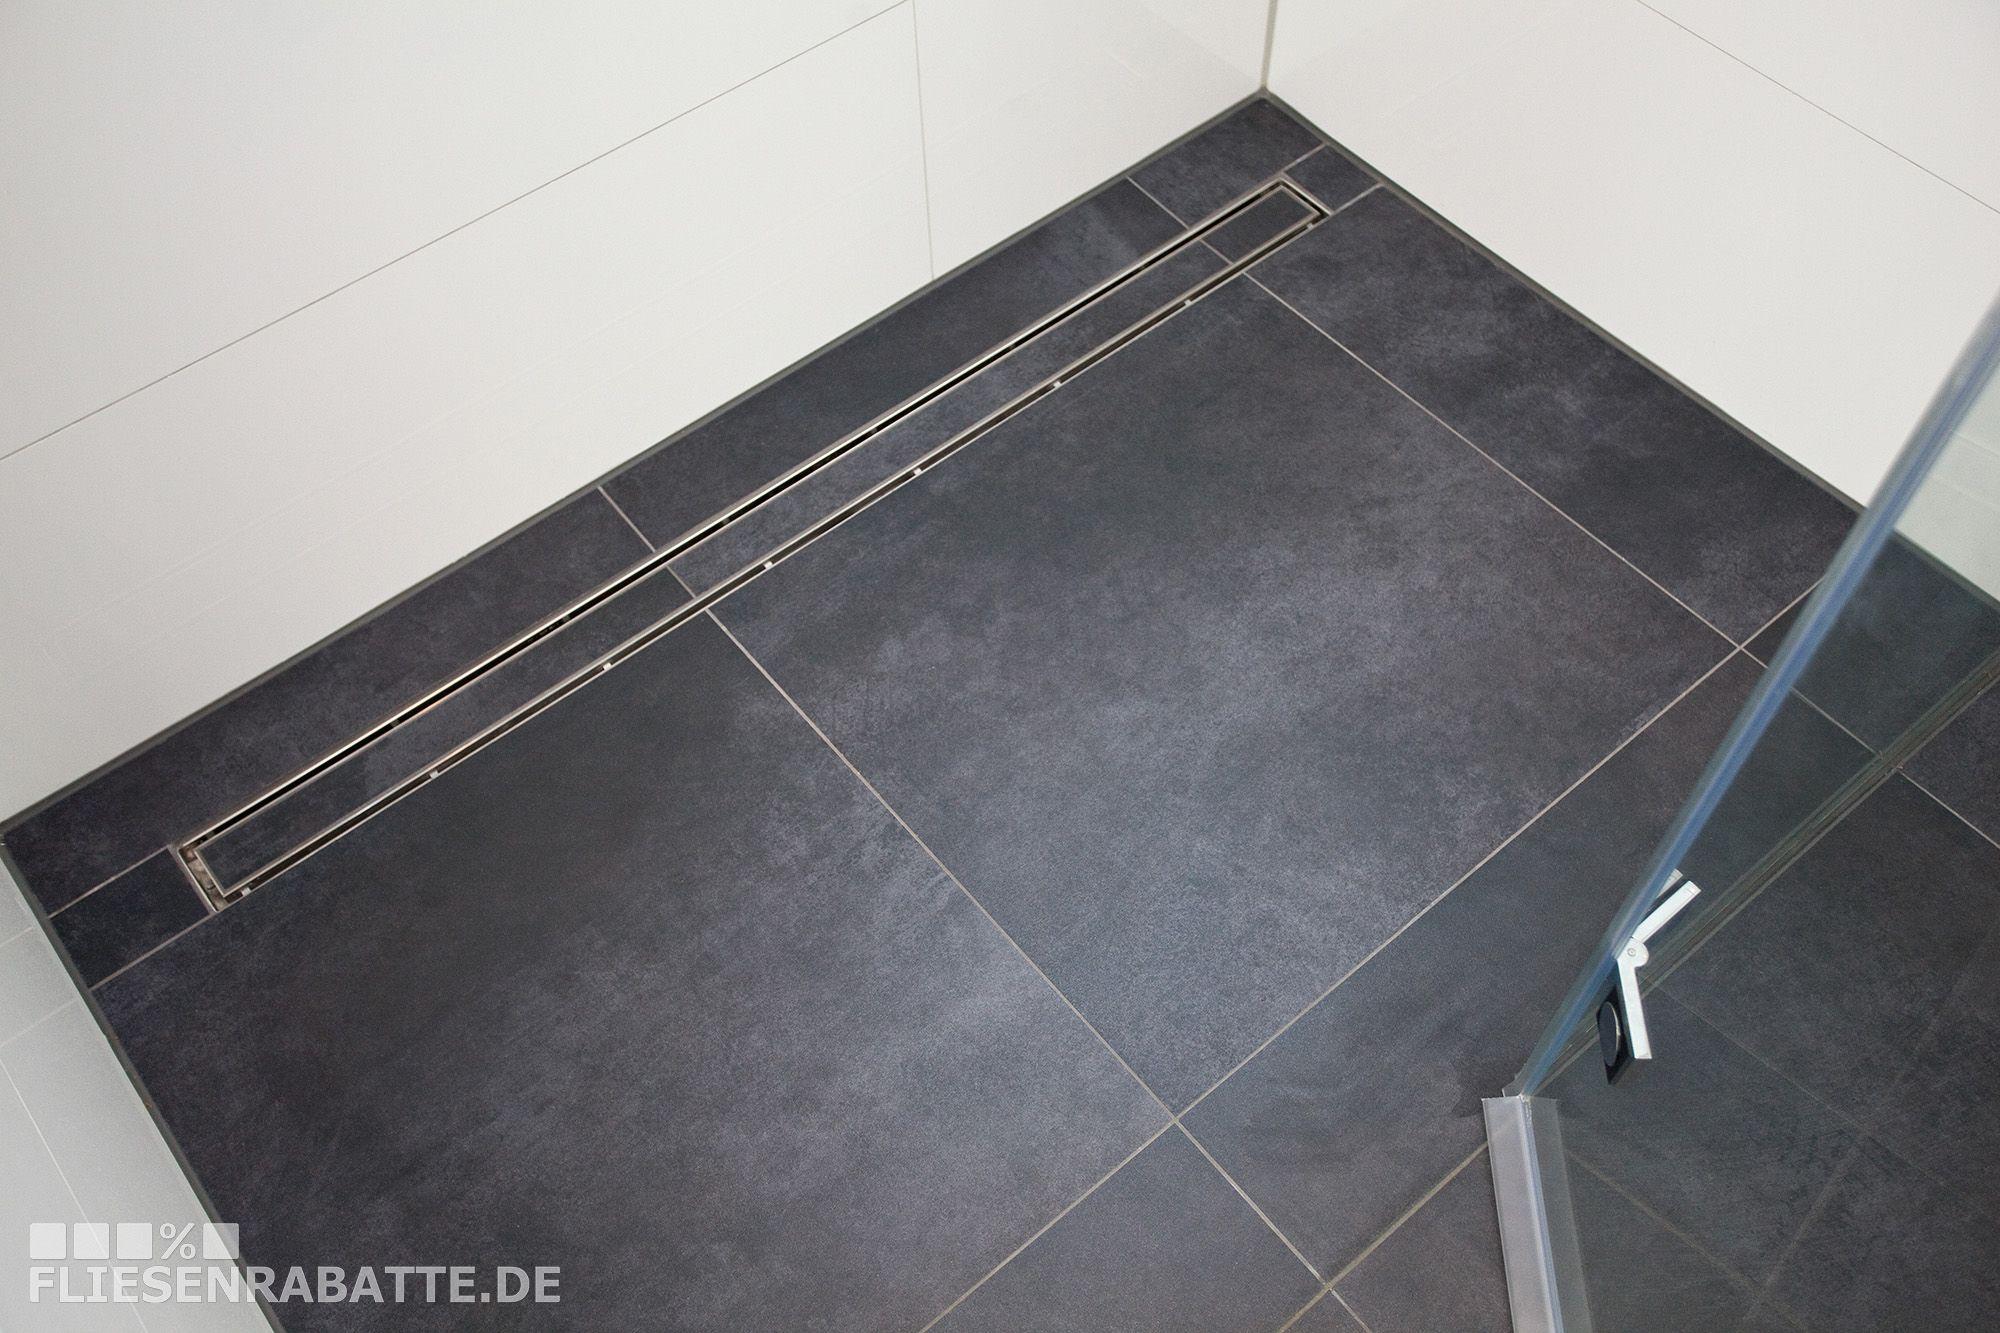 Bodenebene Dusche mit Ablaufrinne an der Wand.Alles